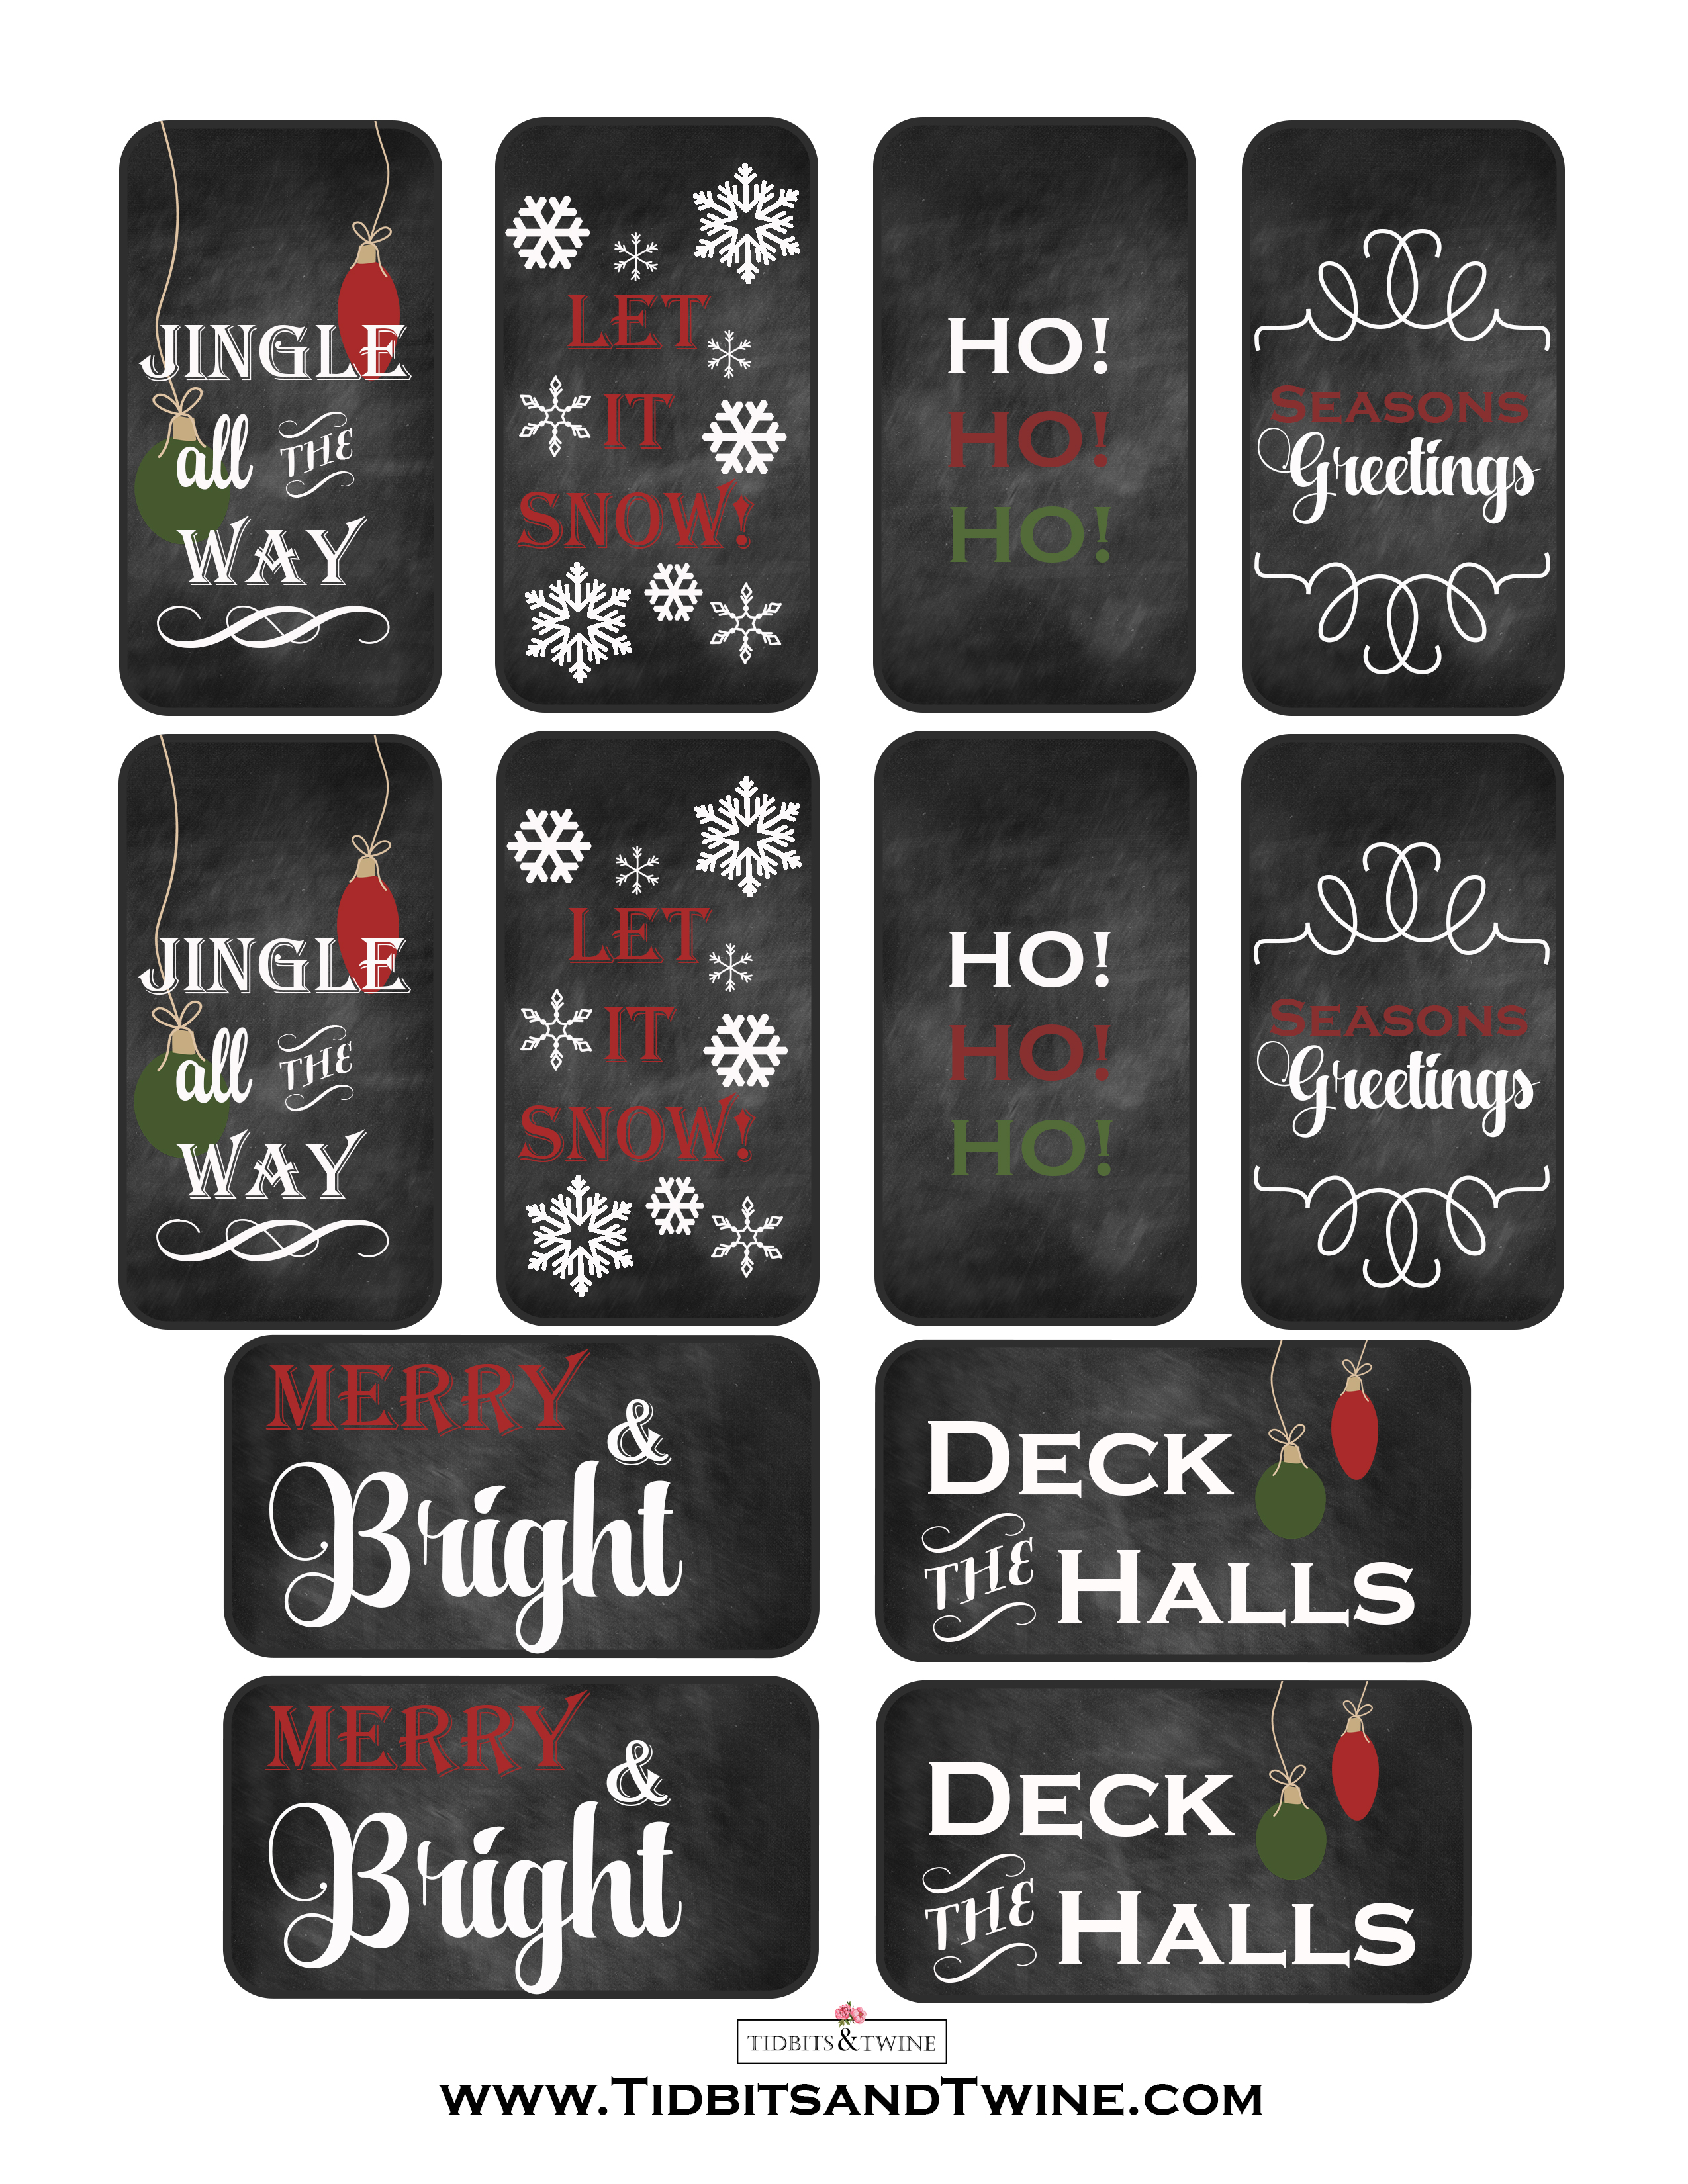 Free Printable Christmas Gift Tags - TIDBITS&TWINE